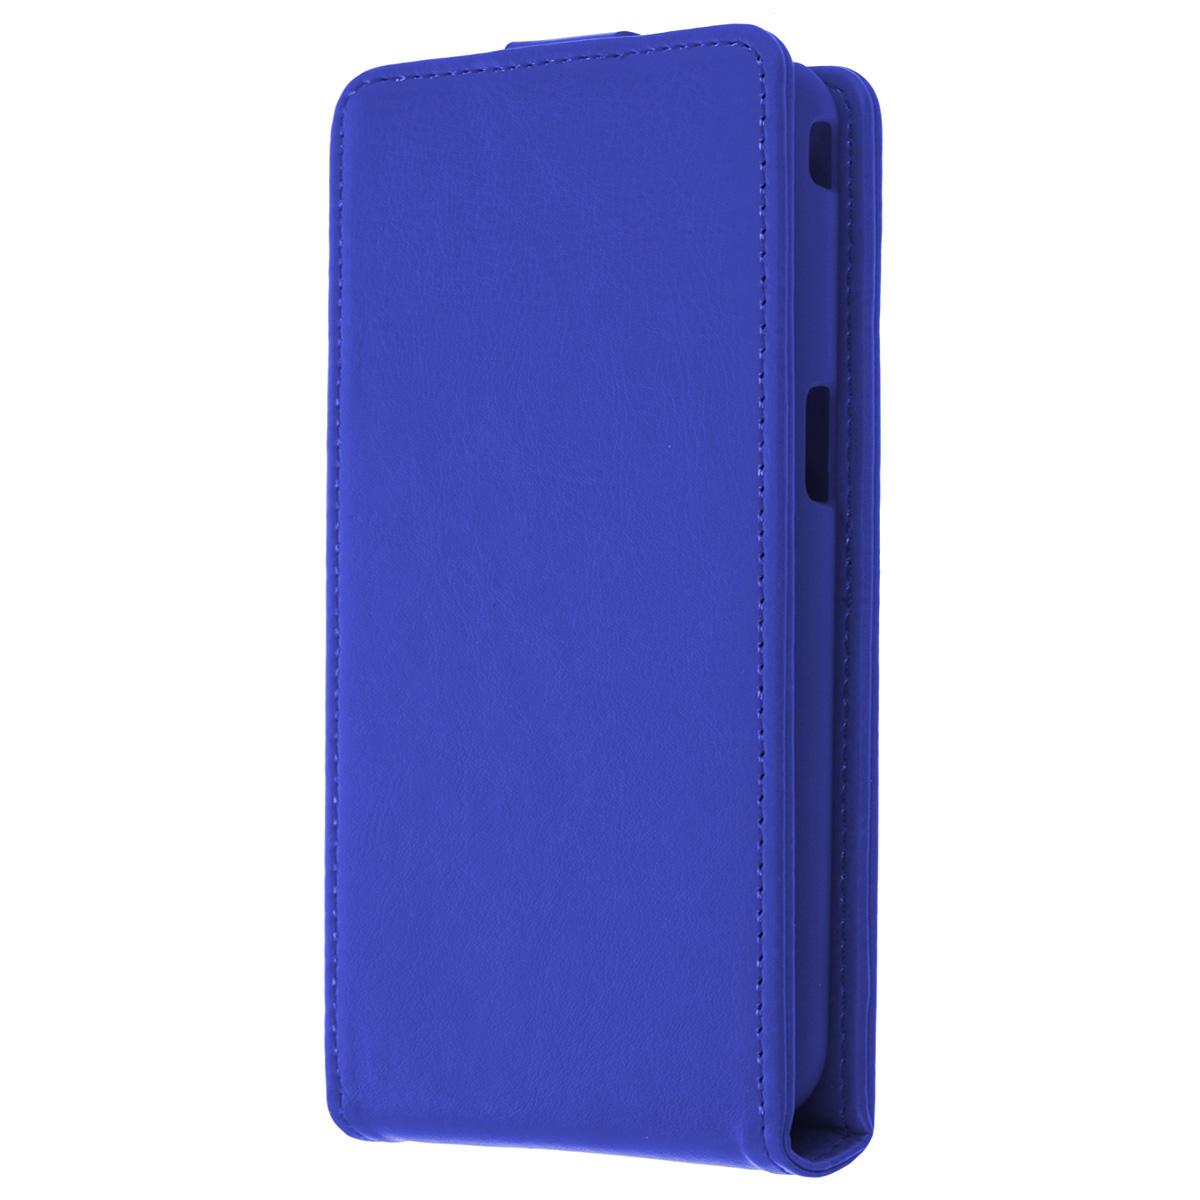 Skinbox Flip Case чехол для Philips W6610, BlueT-F-P6610Флип-кейс Skinbox для Philips W6610 не ограничивает функционал мобильного телефона. Адаптированная форма оставляет необходимые элементы устройства, такие как разъемы, камера, порт передачи данных, микрофон и динамики легко доступными. Качественная искусственная кожа, из которой изготовлен чехол, очень прочна и практична, а также идеально соответствует натуральной коже и создает приятные ощущения при касании. Смартфон фиксируется на жесткой основе из прочного пластика, которая не только защищает смартфон от ударов, но и максимально долго сохраняет свою форму. Передняя панель флип-кейса закрепляется магнитной застежкой, предотвращающей раскрытие чехла и повреждение дисплея вашего устройства.